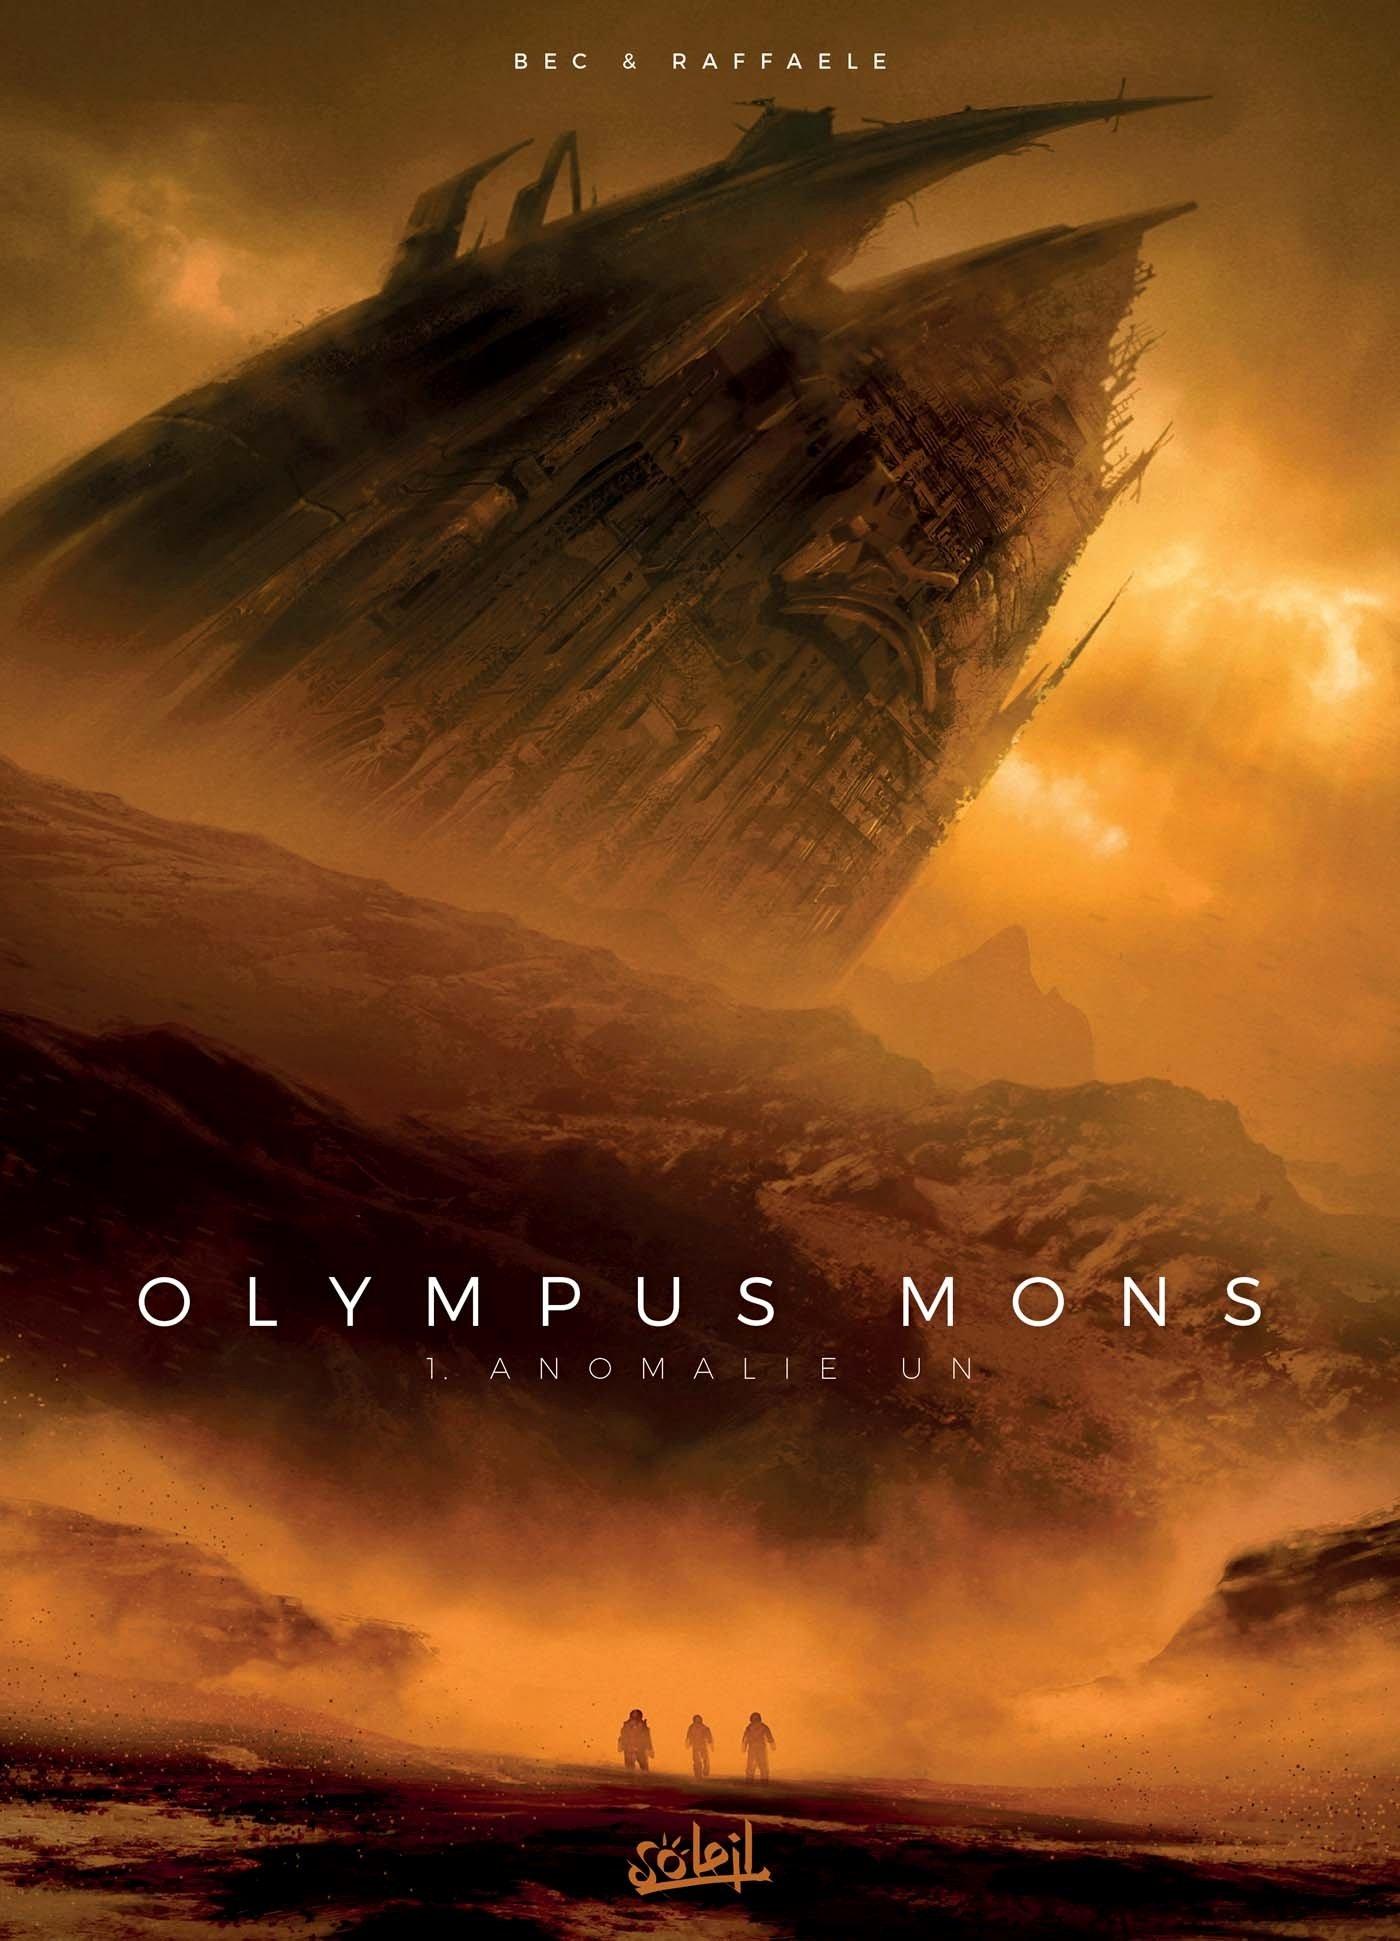 Couverture du tome 1 (Soleil - 2017) et vue du Mont Olympe, aussi large que la France !